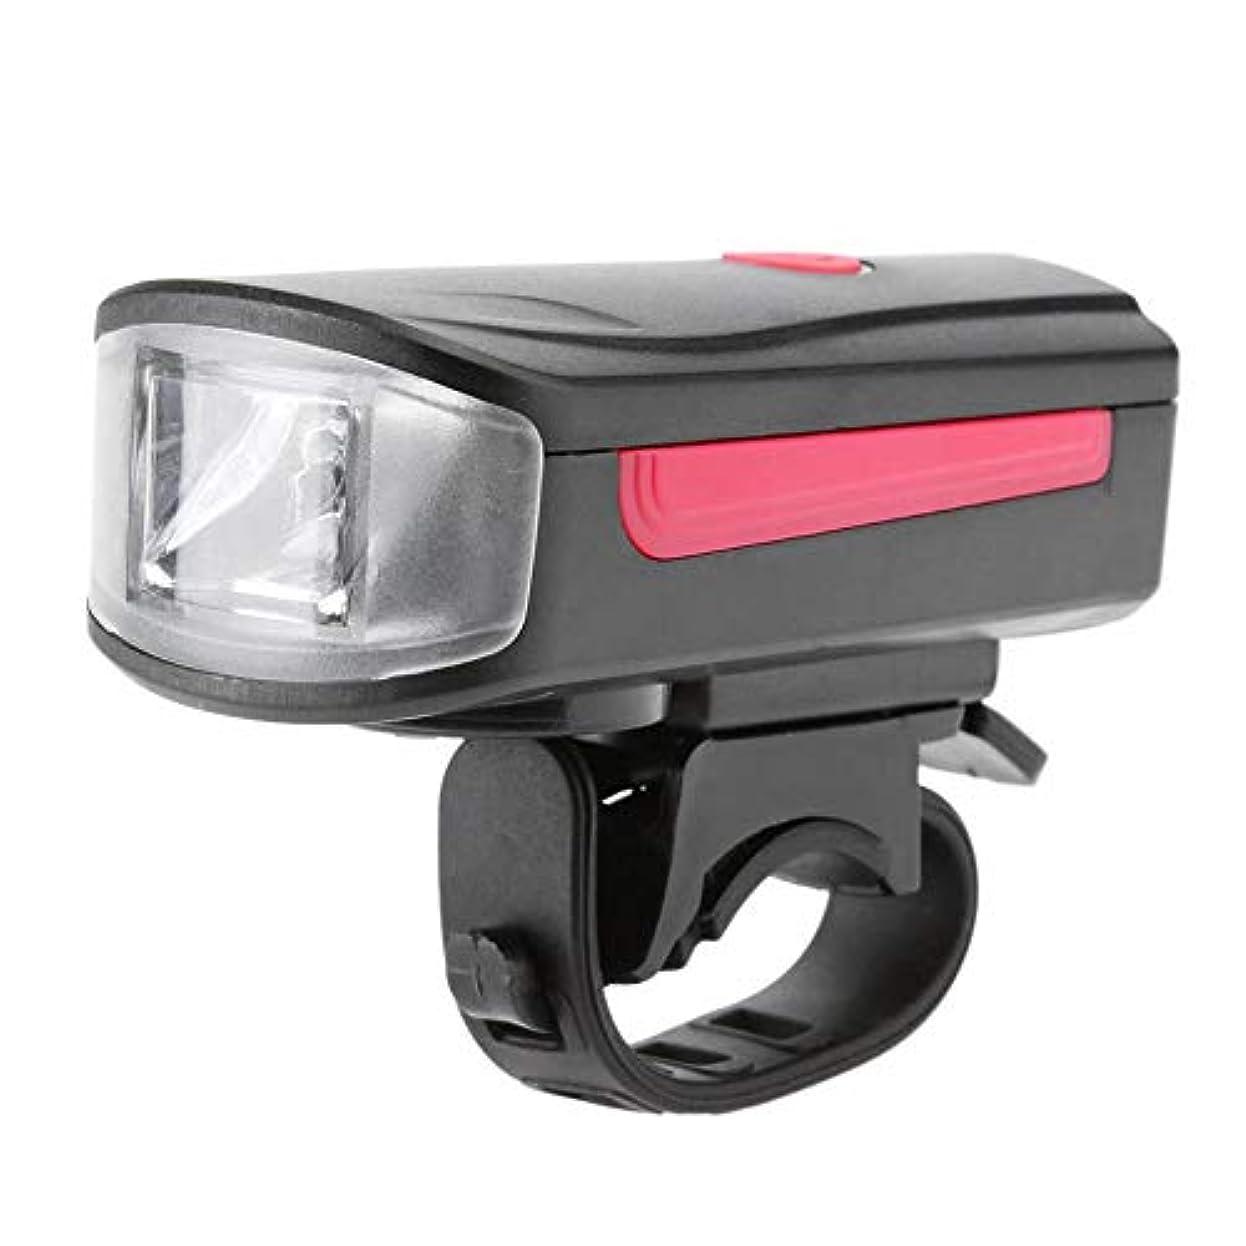 機会好ましいとらえどころのないRuncircle 自転車ライト 自転車ヘッドライト 130dB電子ベルホーン付き USB充電 ホーンベルランプ 自転車 ライト 充電式ライト 自転車前照灯 簡単取り付け 押しスイッチ超小型 コンパクト 軽量 自転車ヘッドライト IPX5 防水 押しスイッチ 高輝度 防水 防災 懐中電灯兼用